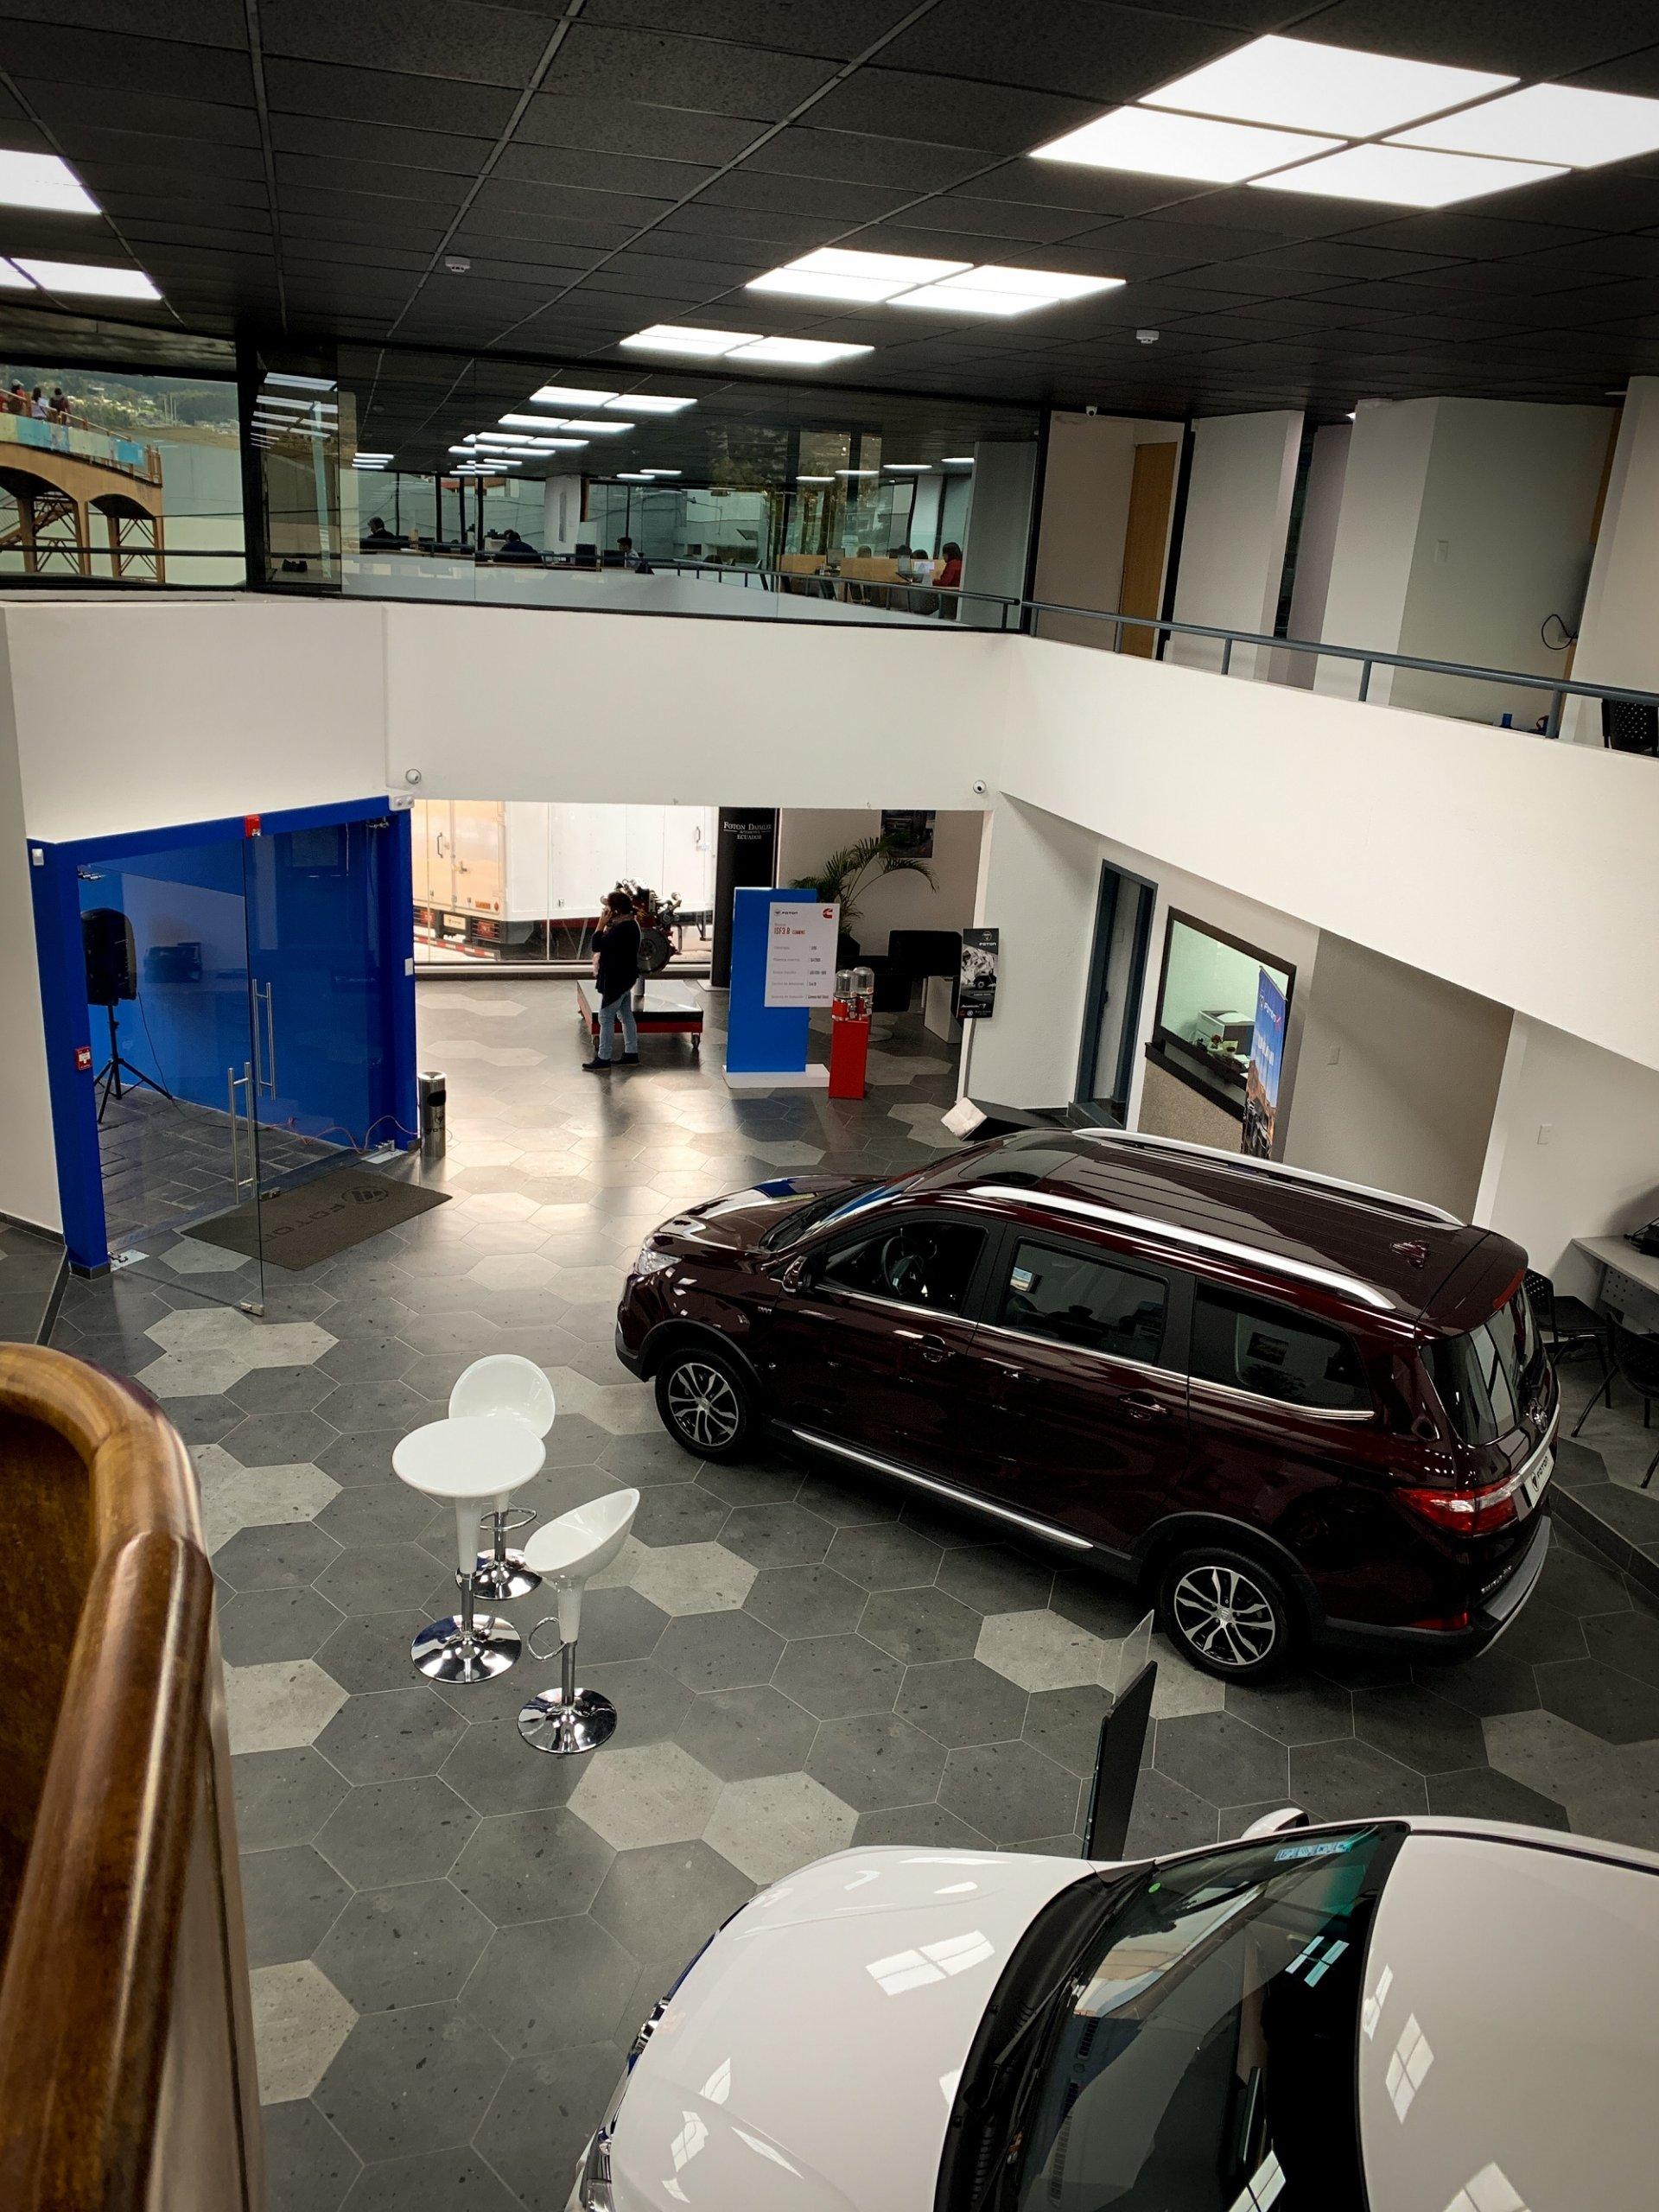 Concesionario-Vehiculos-Foton-Matriz-A3-Arquitectos-Quito-Ecuador-3